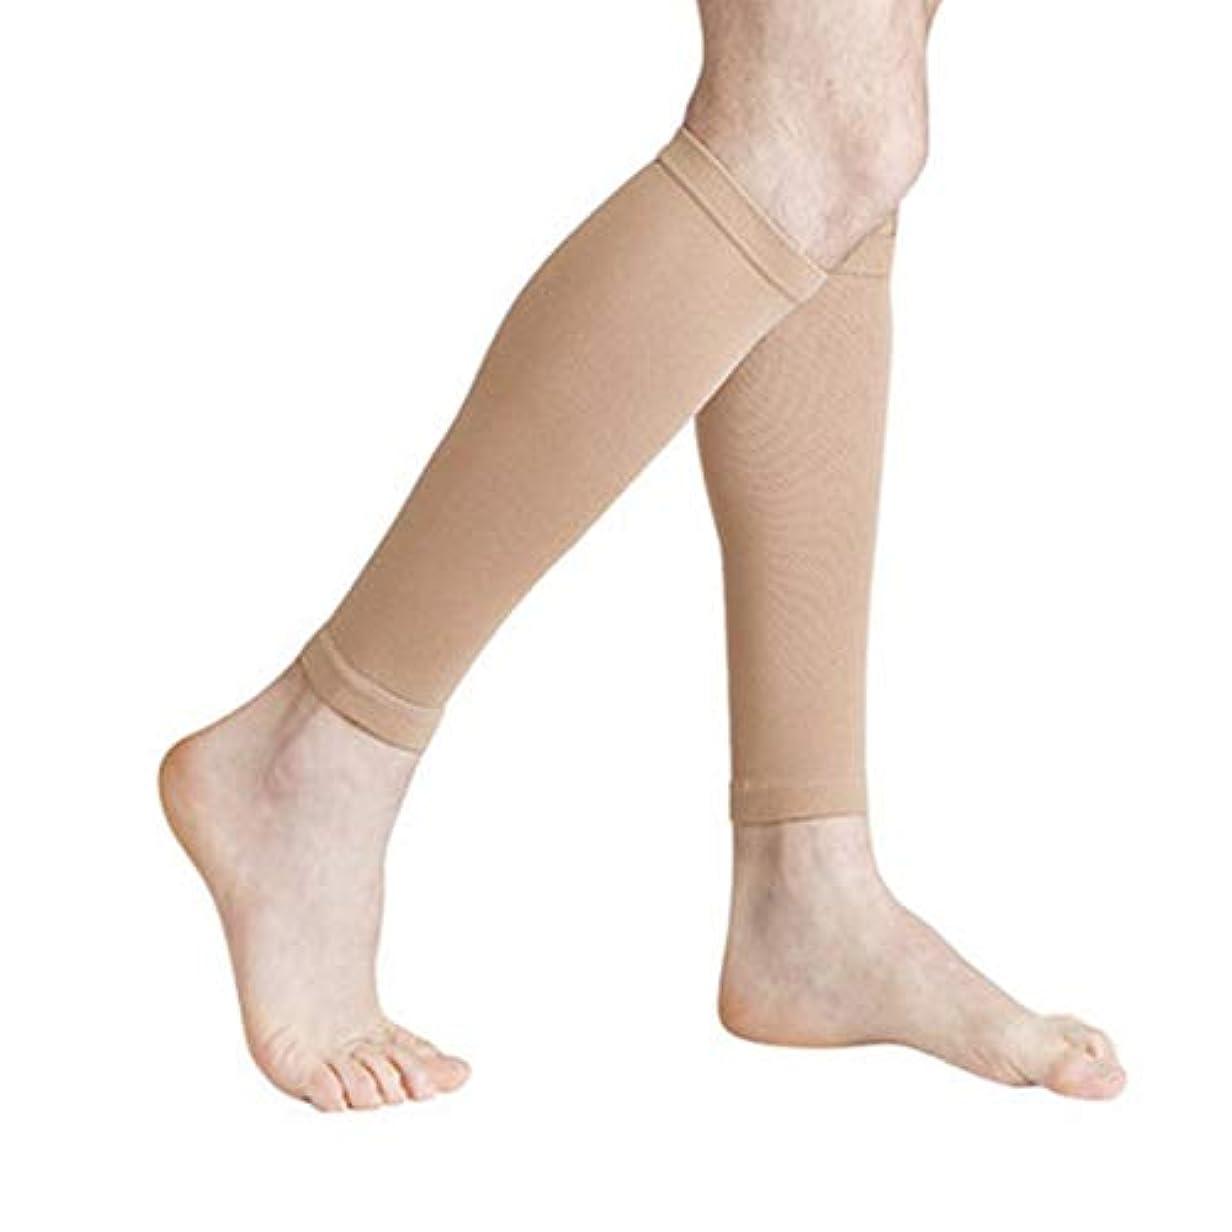 究極の緩める有害な丈夫な男性女性プロの圧縮靴下通気性のある旅行活動看護師用シントスプリントフライトトラベル - 肌色